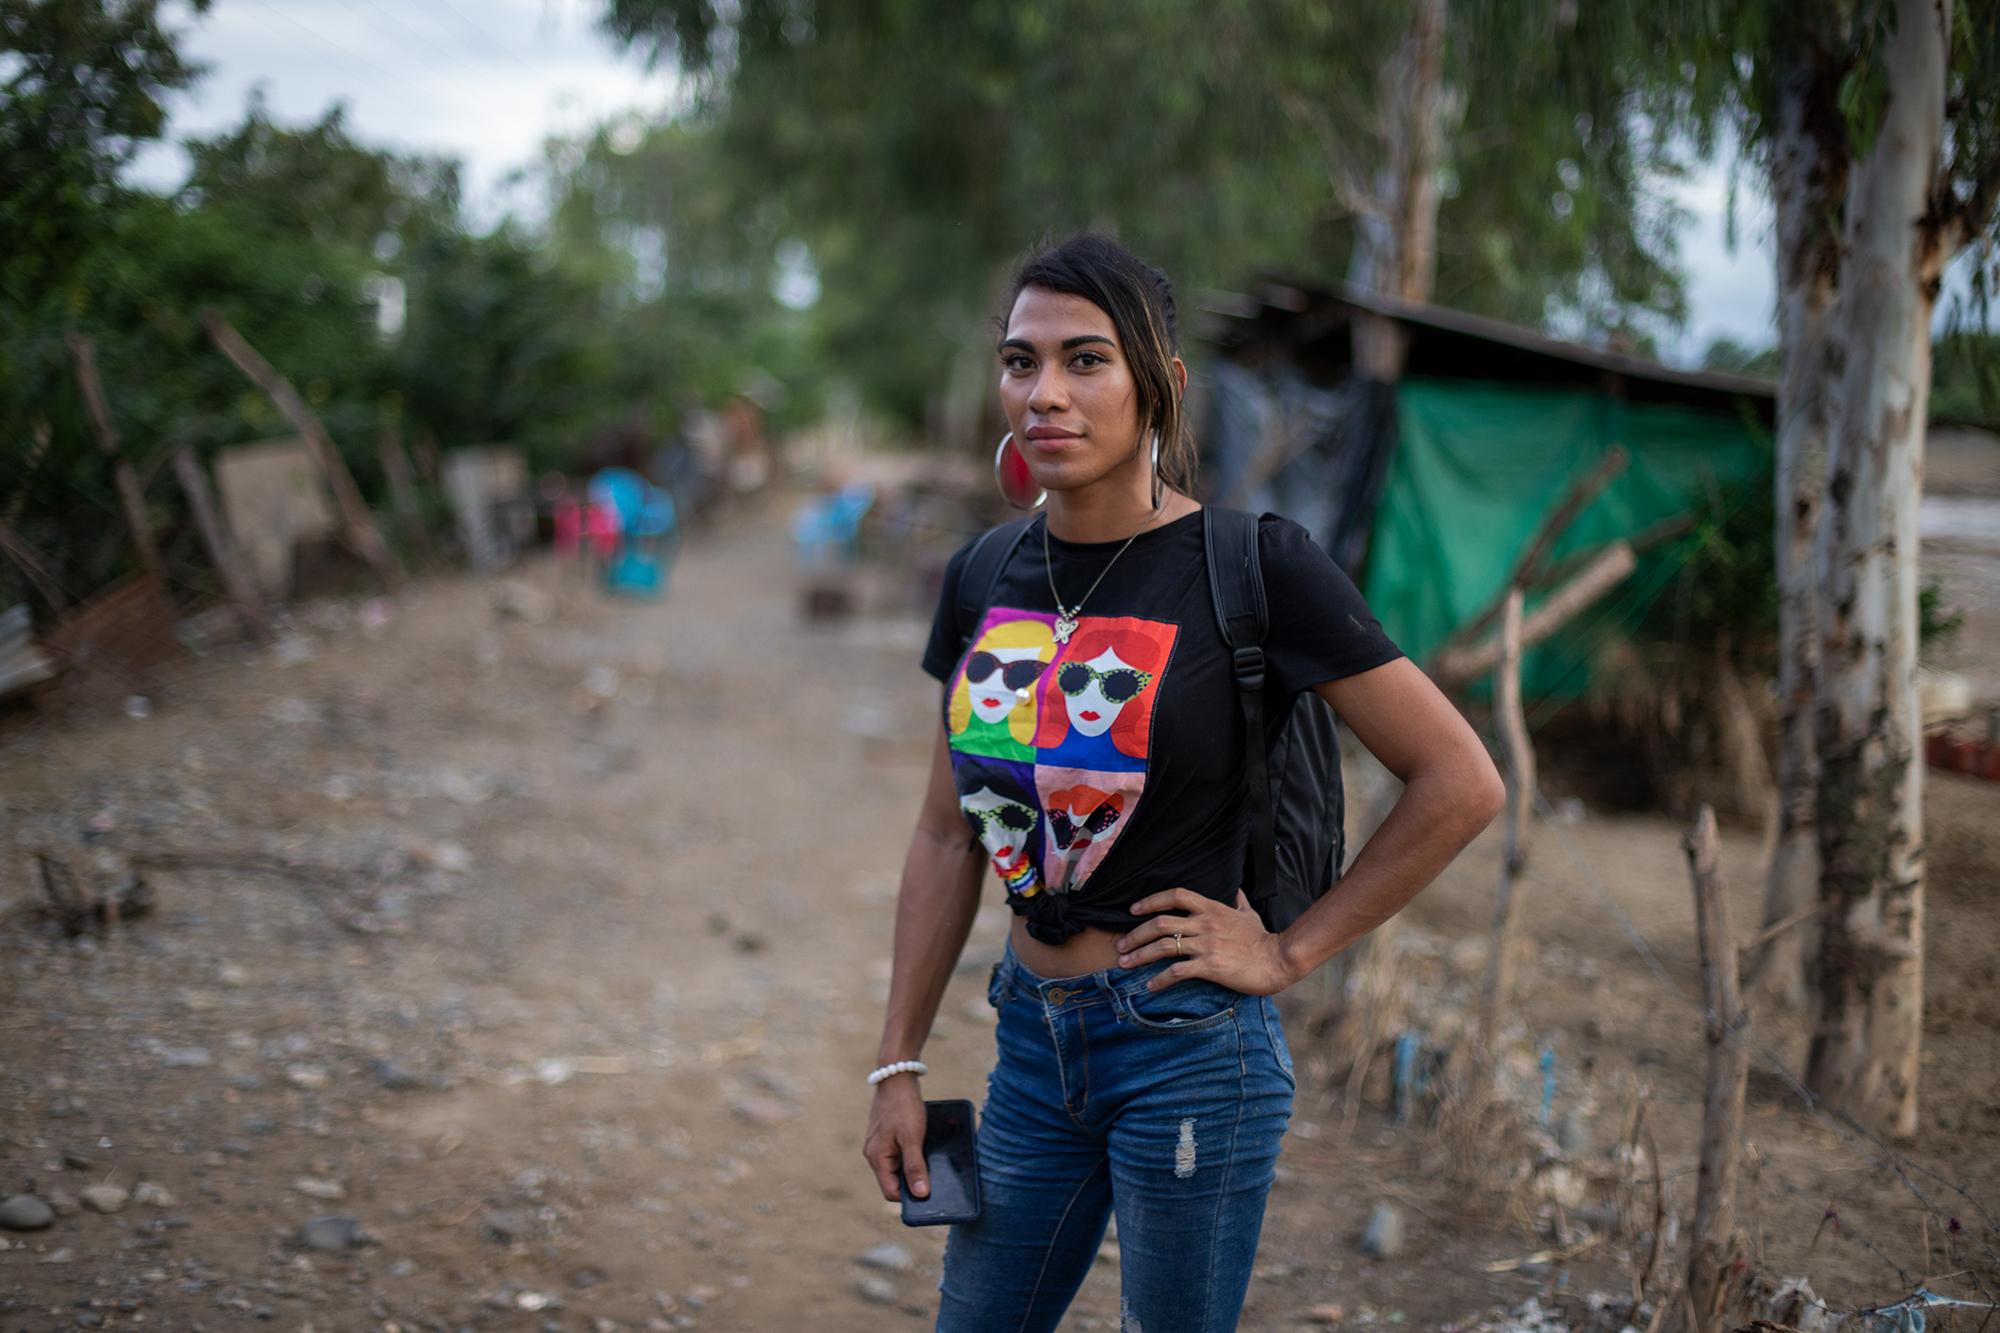 Roxy tiene 25 años, ella nació y creció en Chamelecón. Antes de las inundaciones provocadas por las dos tormentas tropicales, Roxy se dedicaba a vender mercadería, esto y la remesa mensual de uno de sus hermanos en Estados Unidos, le han ayudado a sobrevivir. San Pedro Sula, 20 de noviembre de 2020. Foto: Martín Cálix.